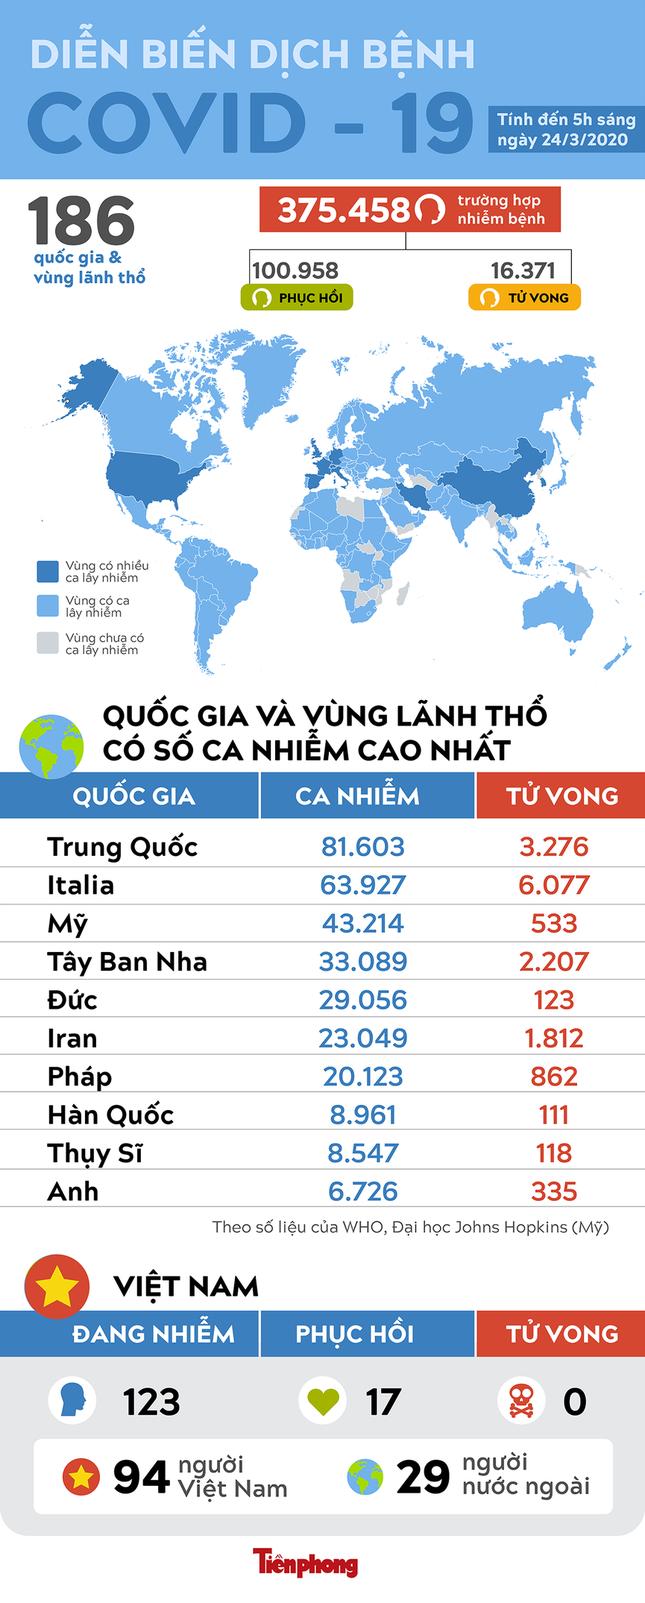 Thêm nhiều bệnh nhân ở Việt Nam xét nghiệm âm tính virus SARS - Cov -2 ảnh 1